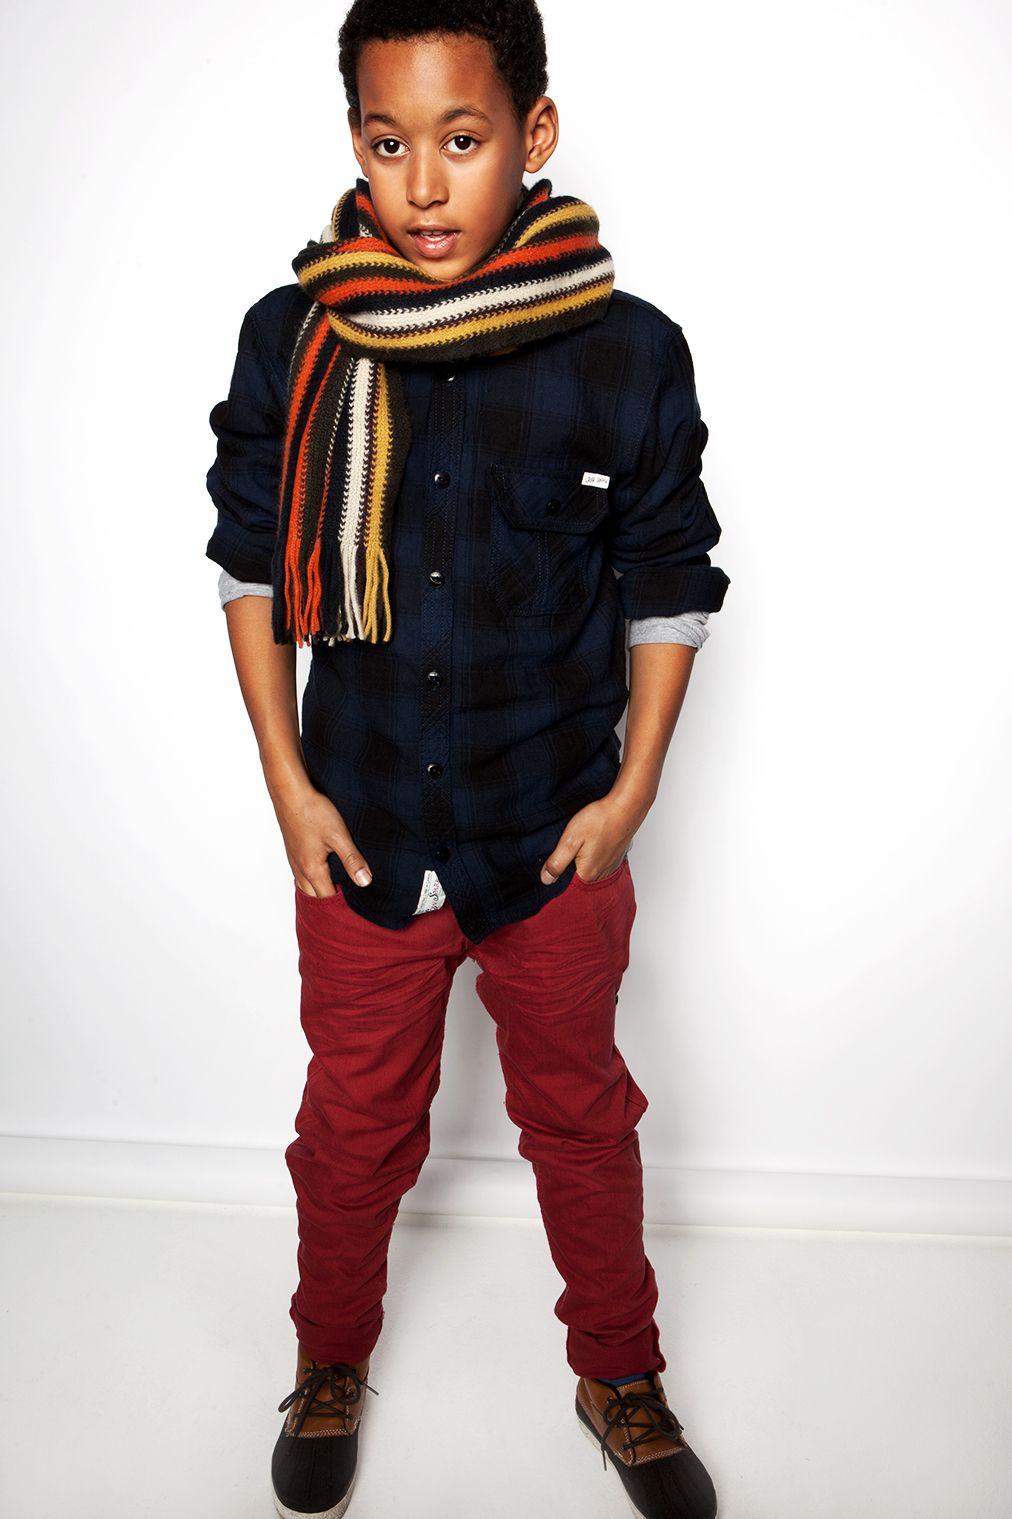 TAKKO FASHION - KIDS   Fashion